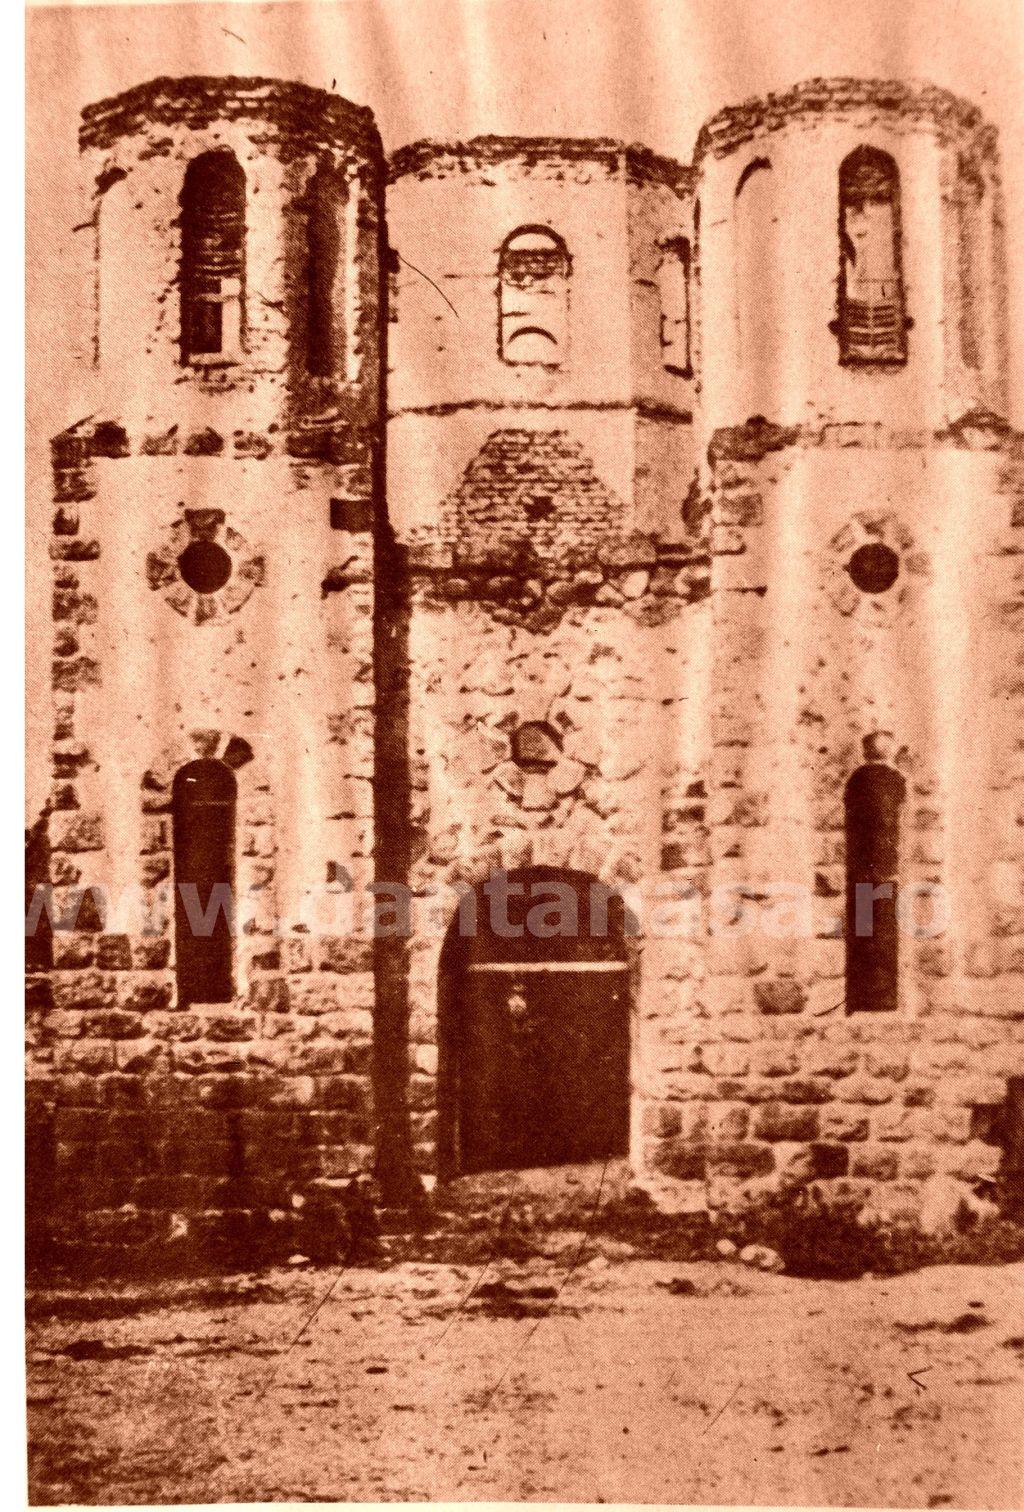 Herculian (azi în jud. Covasna), decembrie 1940. Biserica românească distrusă de unguri